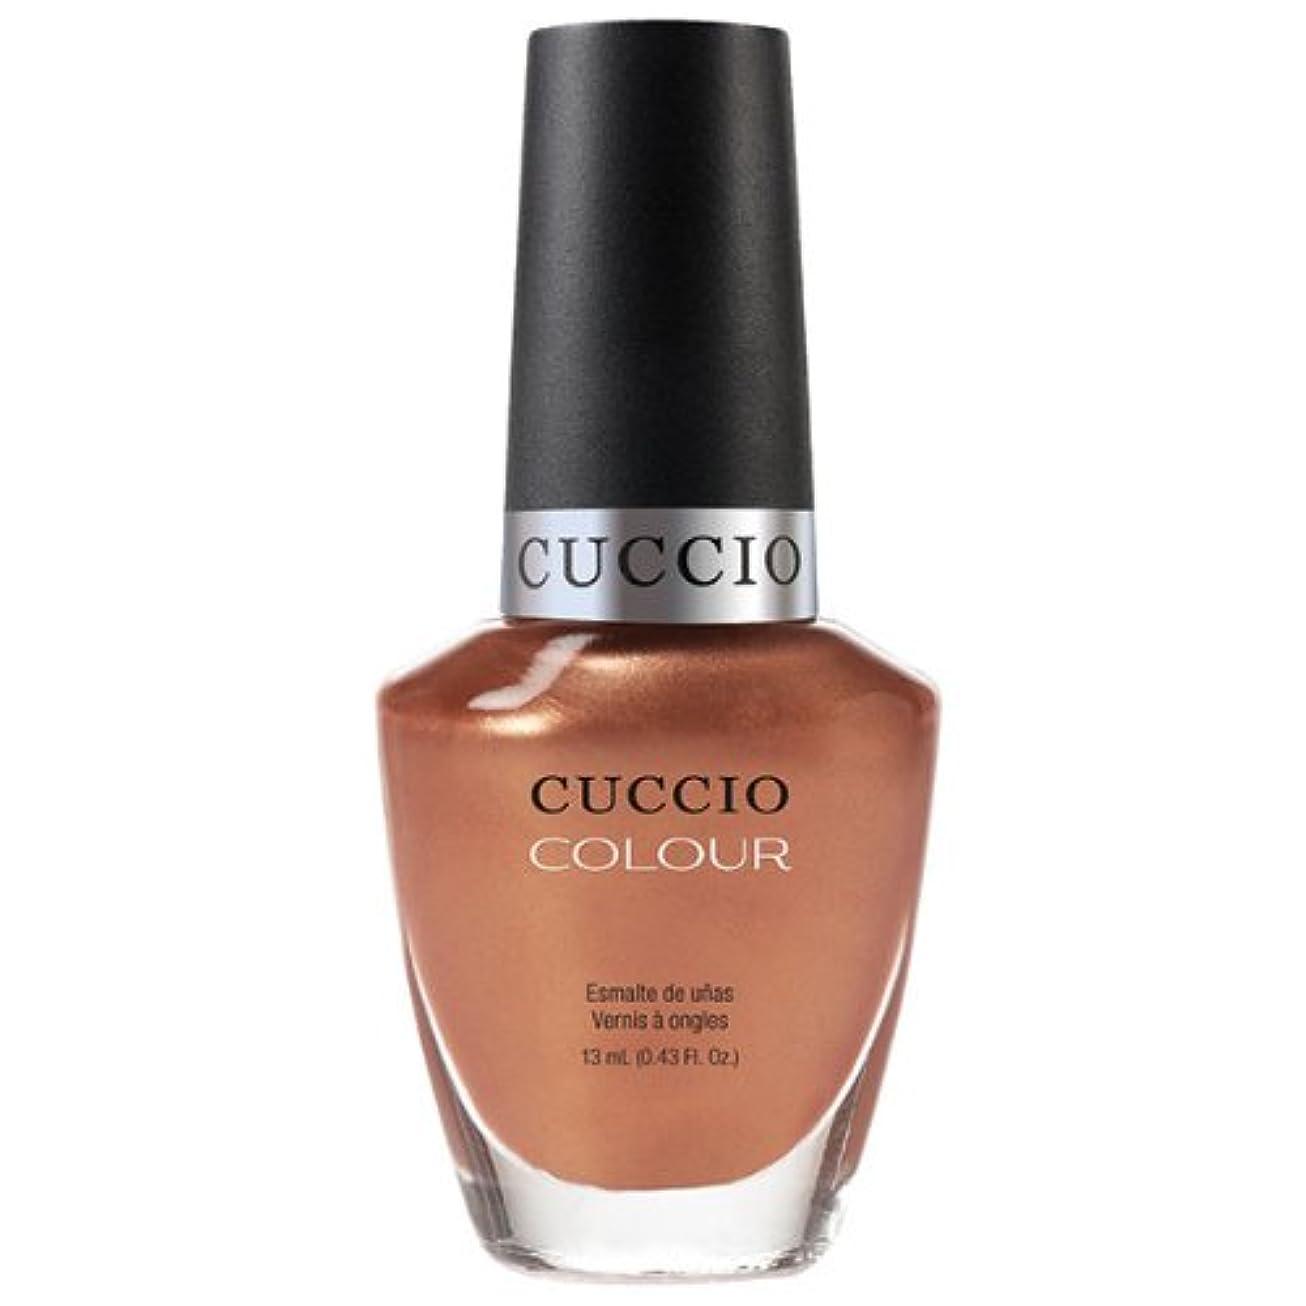 聴覚さておき電気陽性Cuccio Colour Gloss Lacquer - Holy Toledo - 0.43oz / 13ml